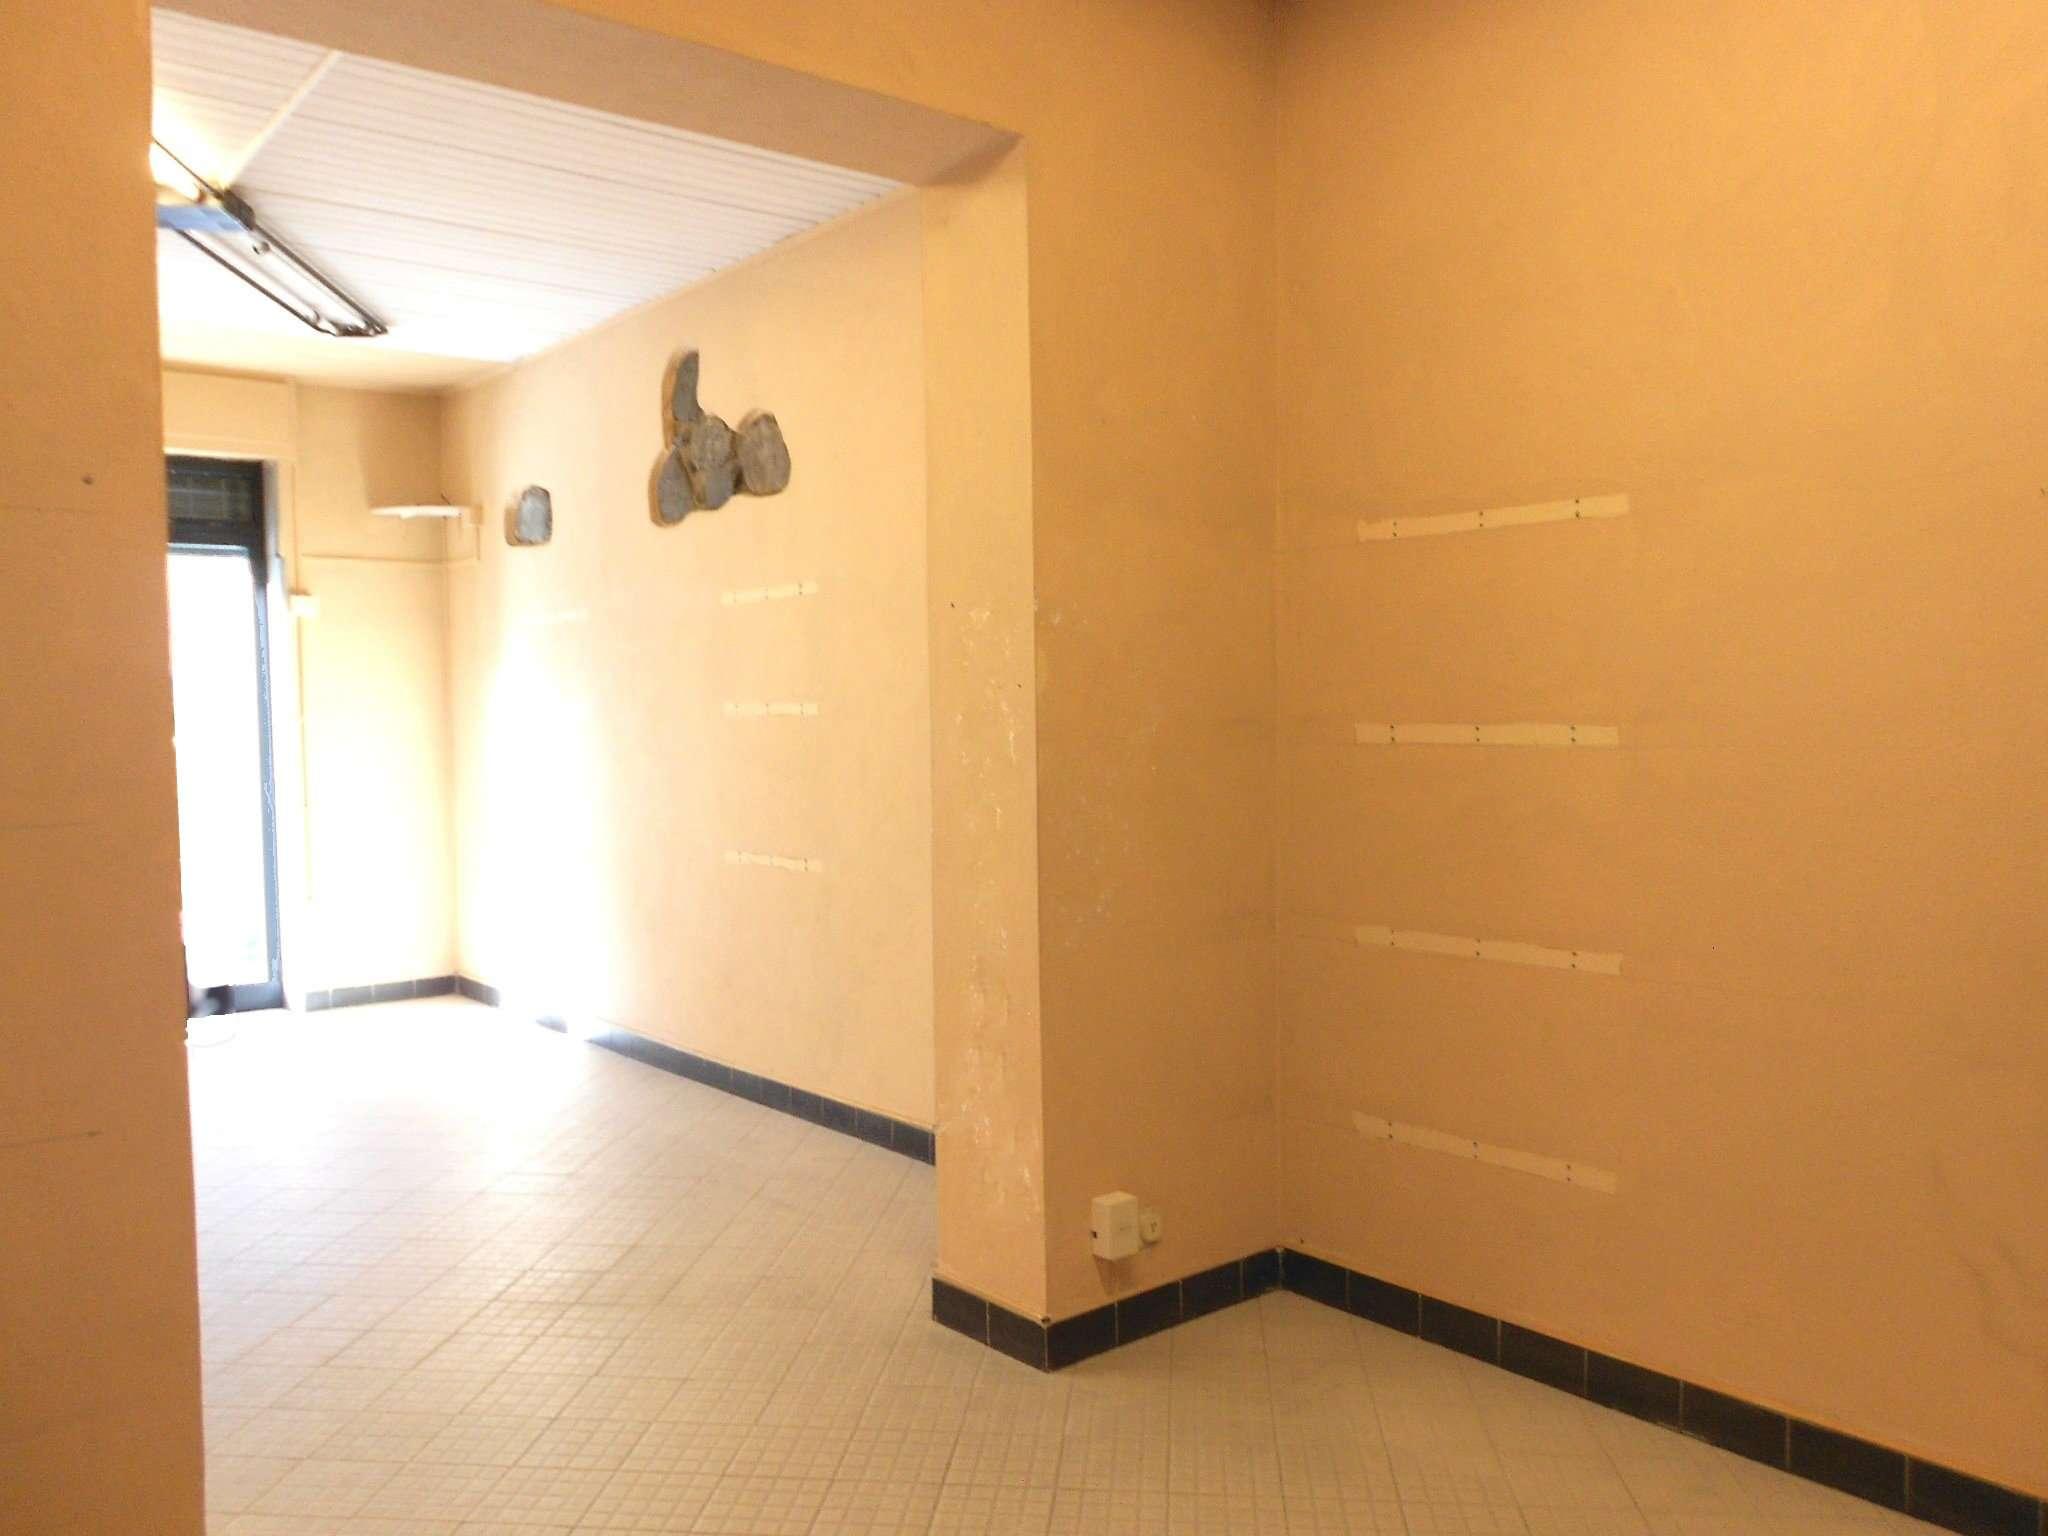 Negozio / Locale in affitto a Rufina, 2 locali, prezzo € 440 | Cambio Casa.it